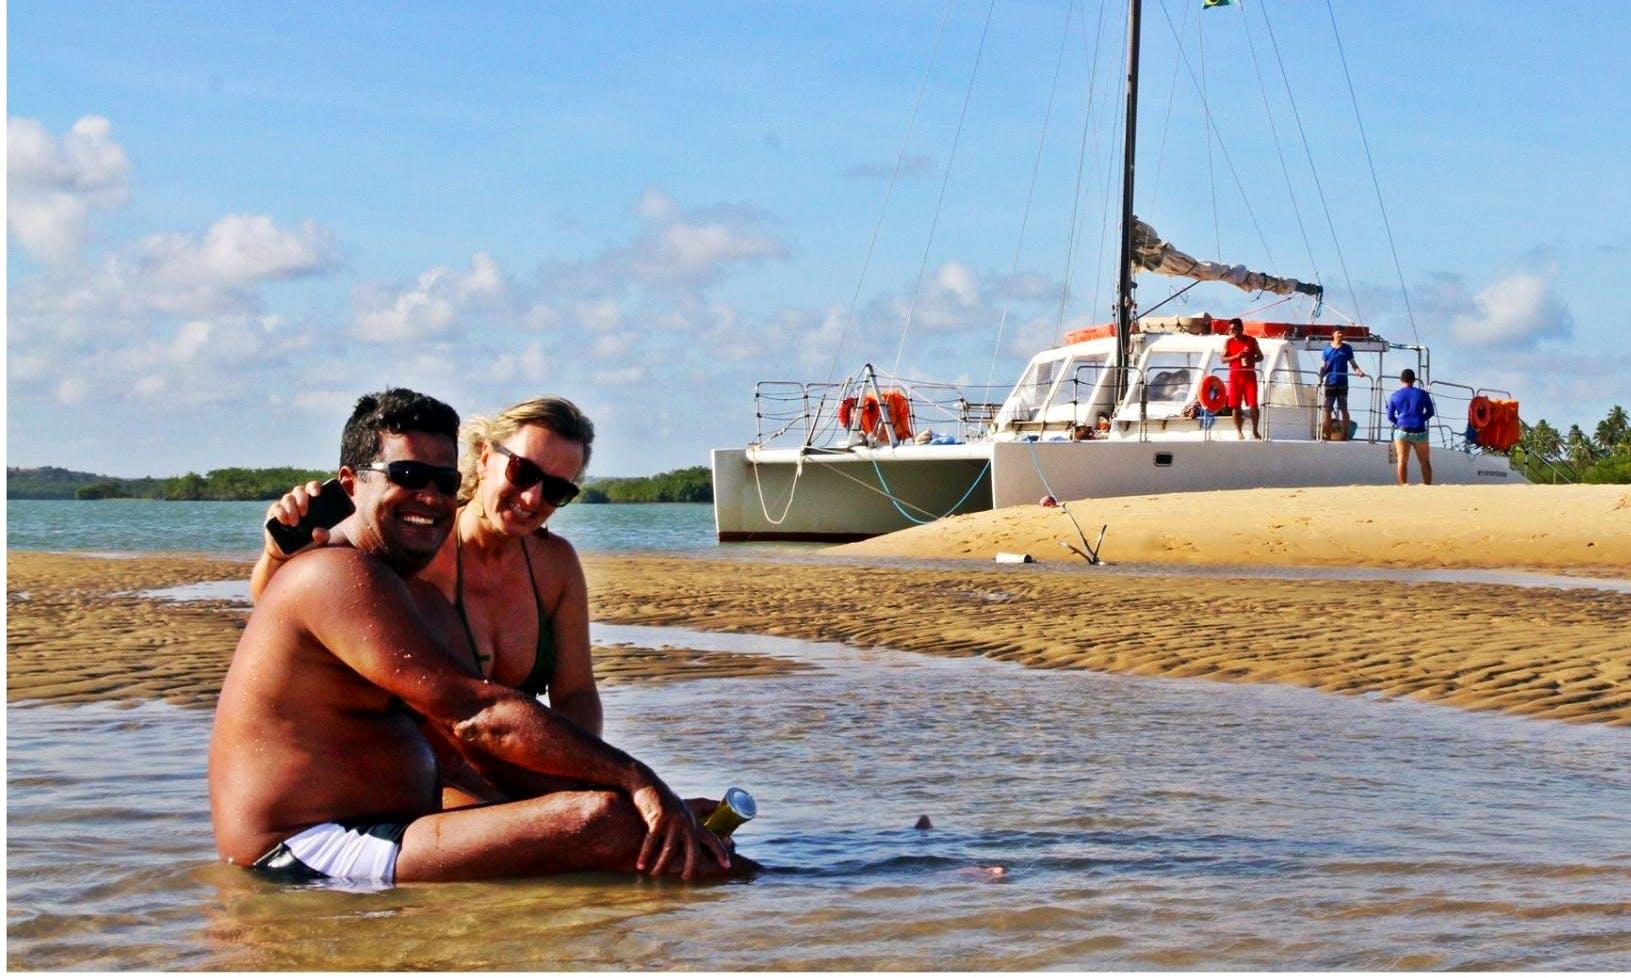 Enjoy the water in Rio Grande do Norte, Brazil on a Sailing Catamaran